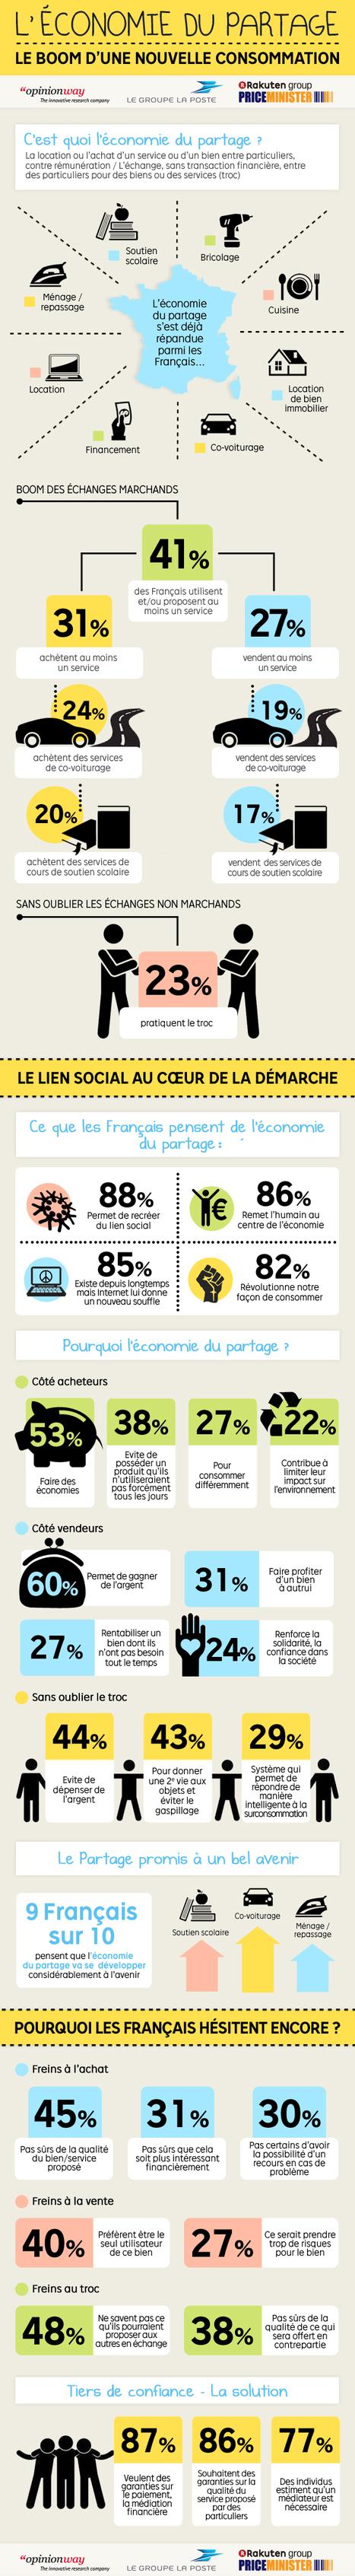 [Infographie] L'économie du partage : le boom d'une nouvelle consommation | Consommation Collaborative | Scoop.it